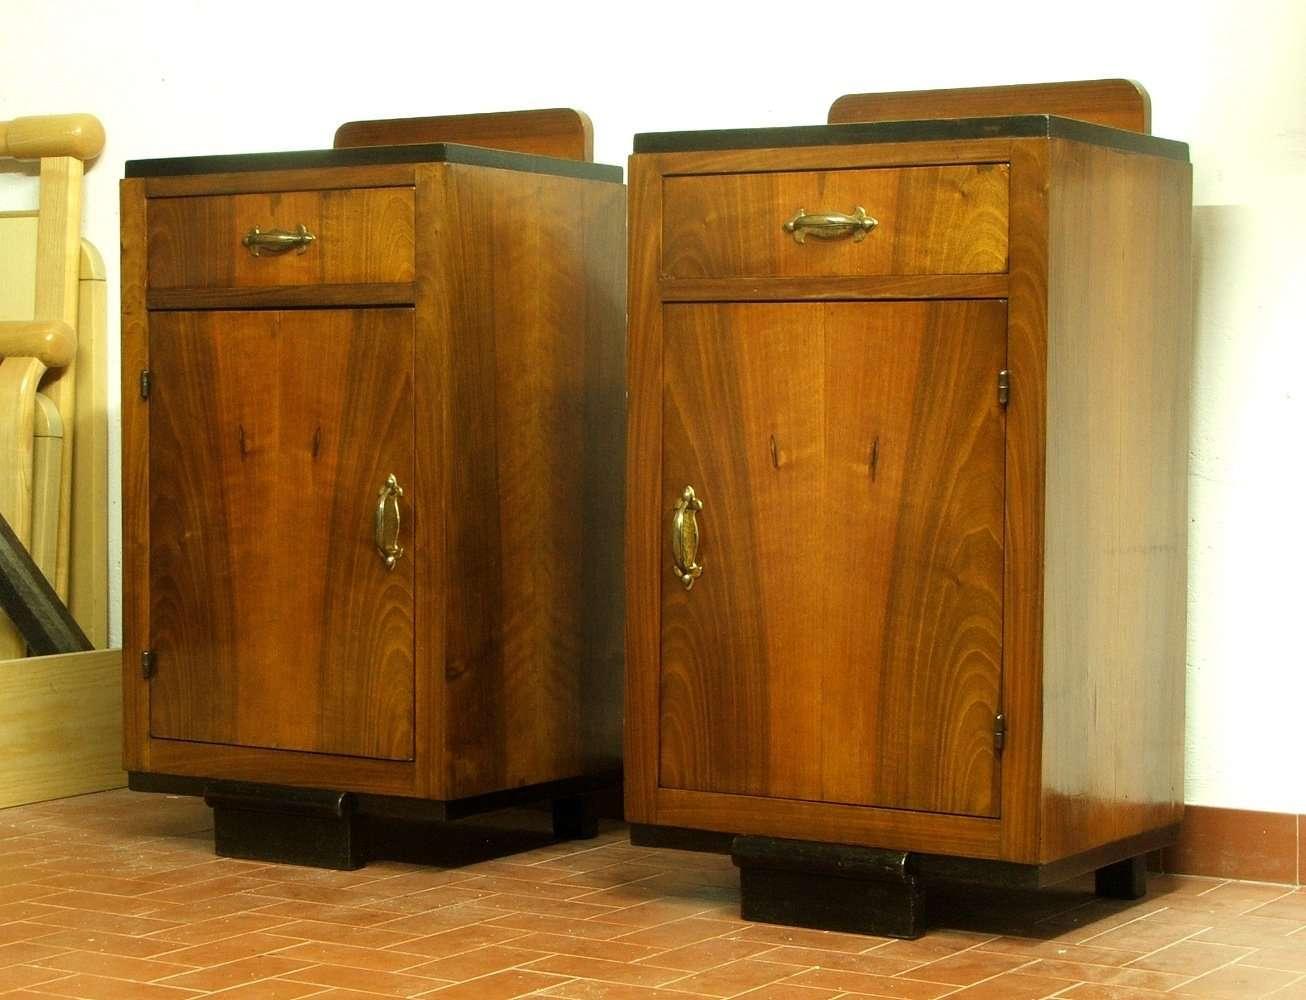 Restauro di una coppia di comodini in noce anni 39 30 - Restauro mobili impiallacciati ...